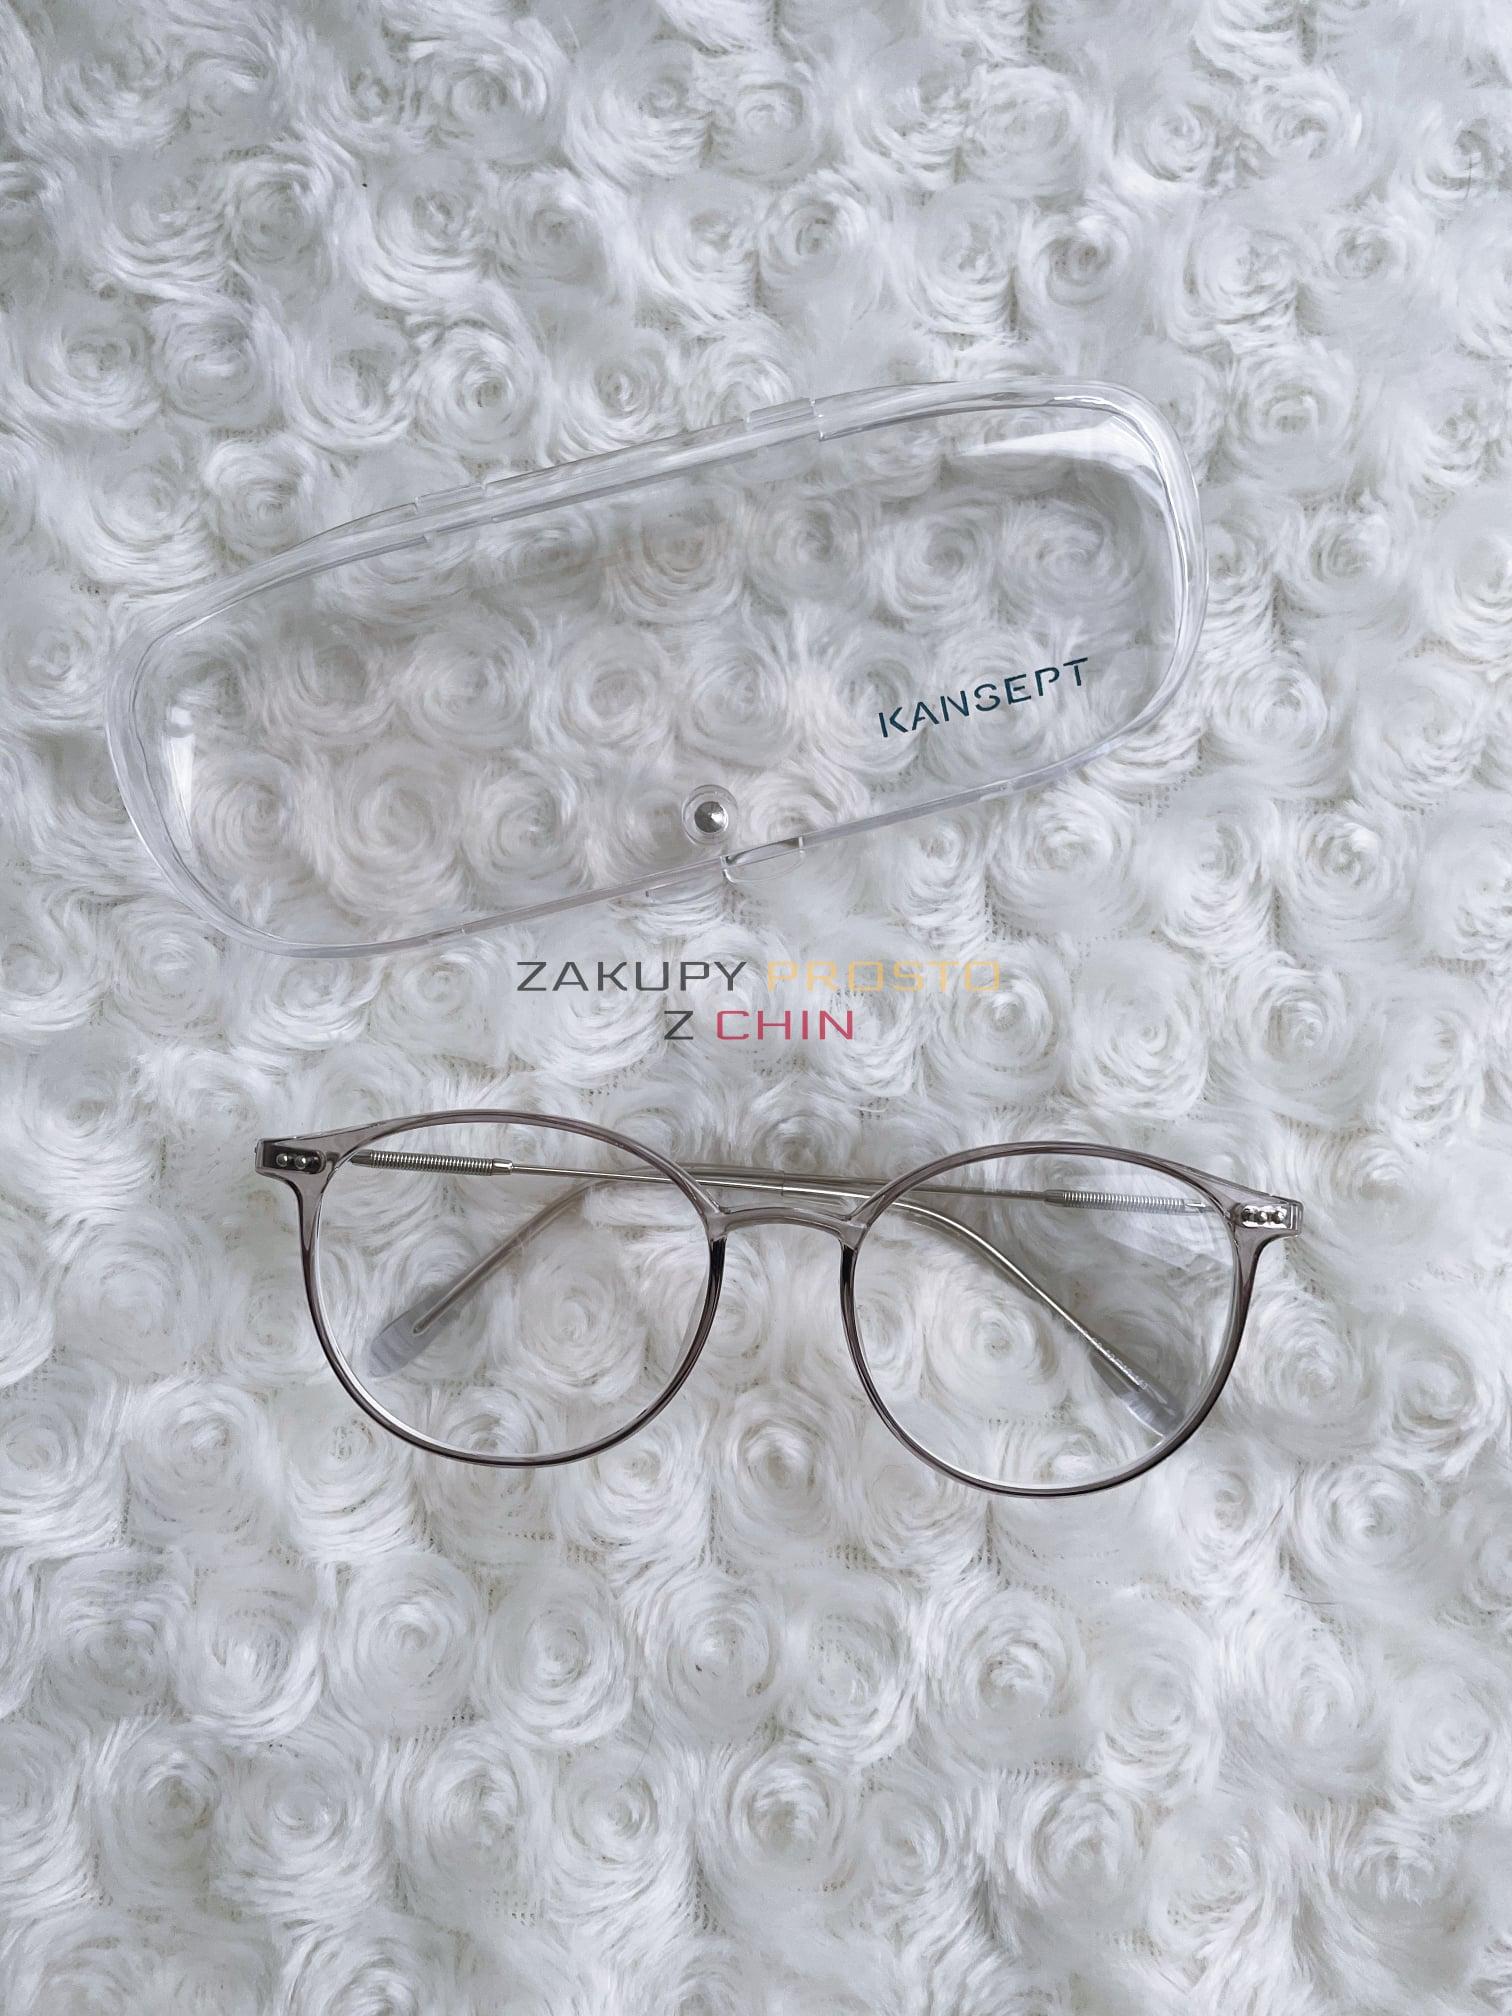 Oprawki okularowe Kansept z aliexpress